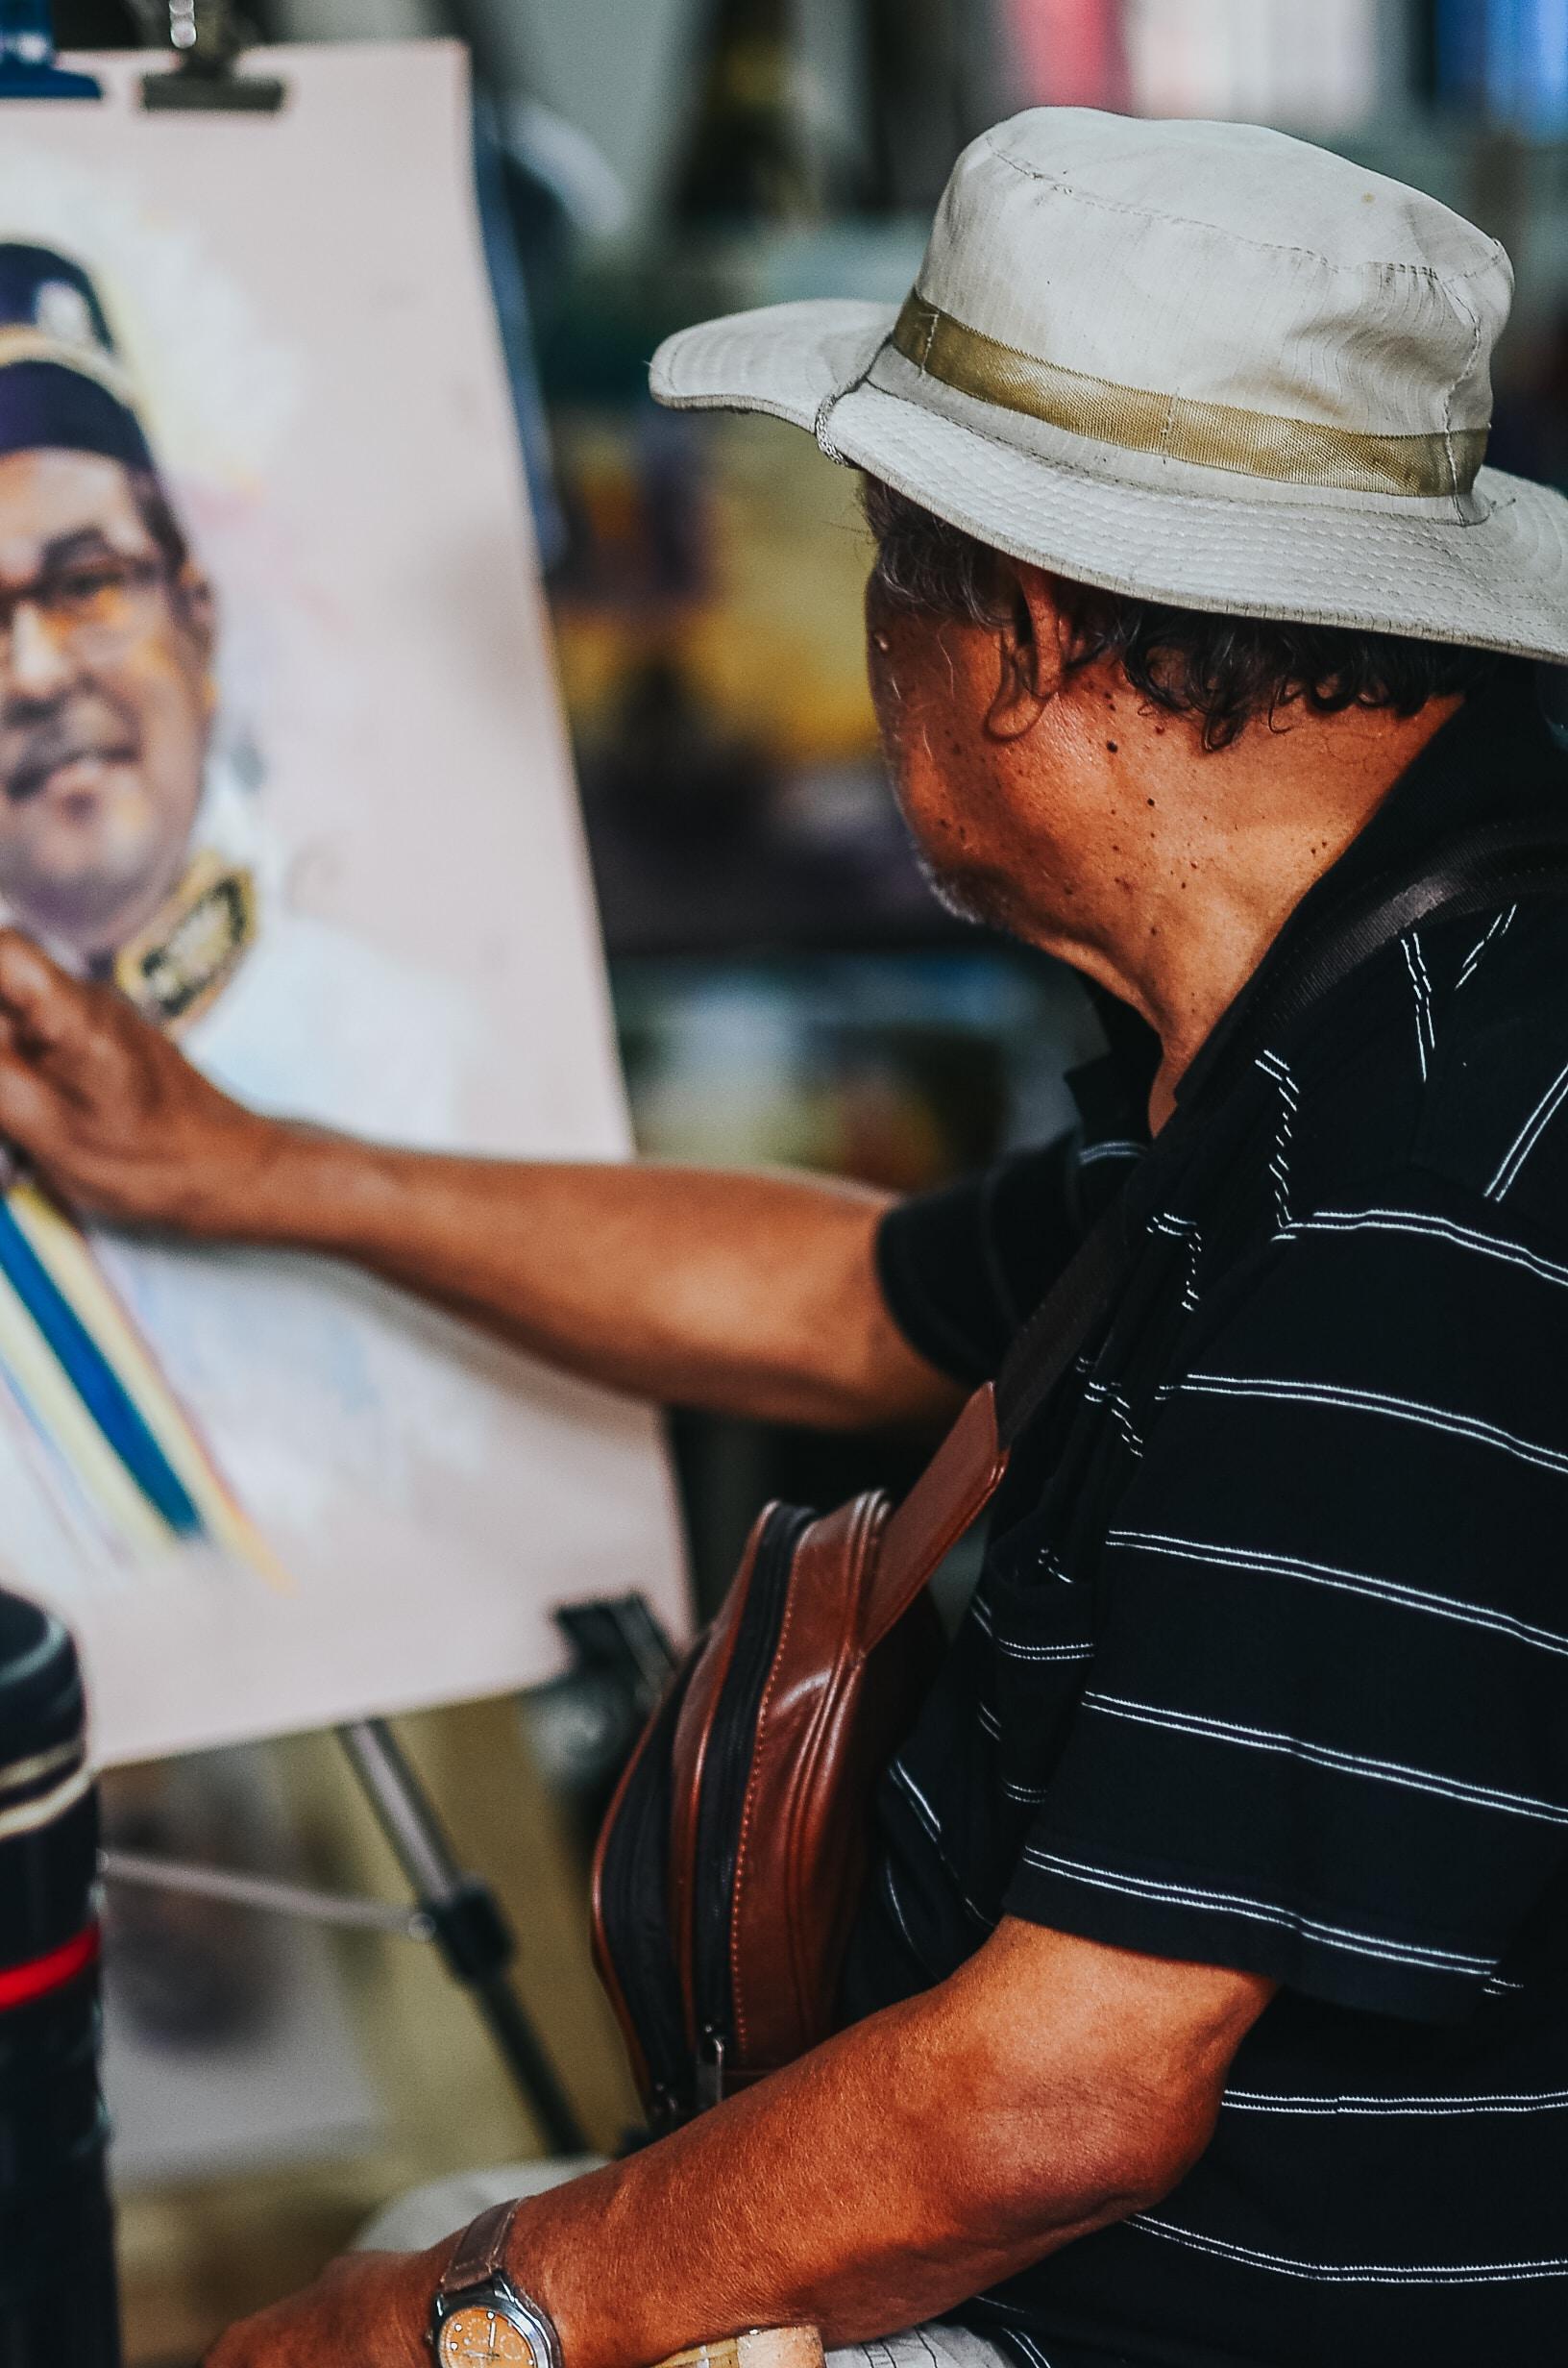 man painting portrait